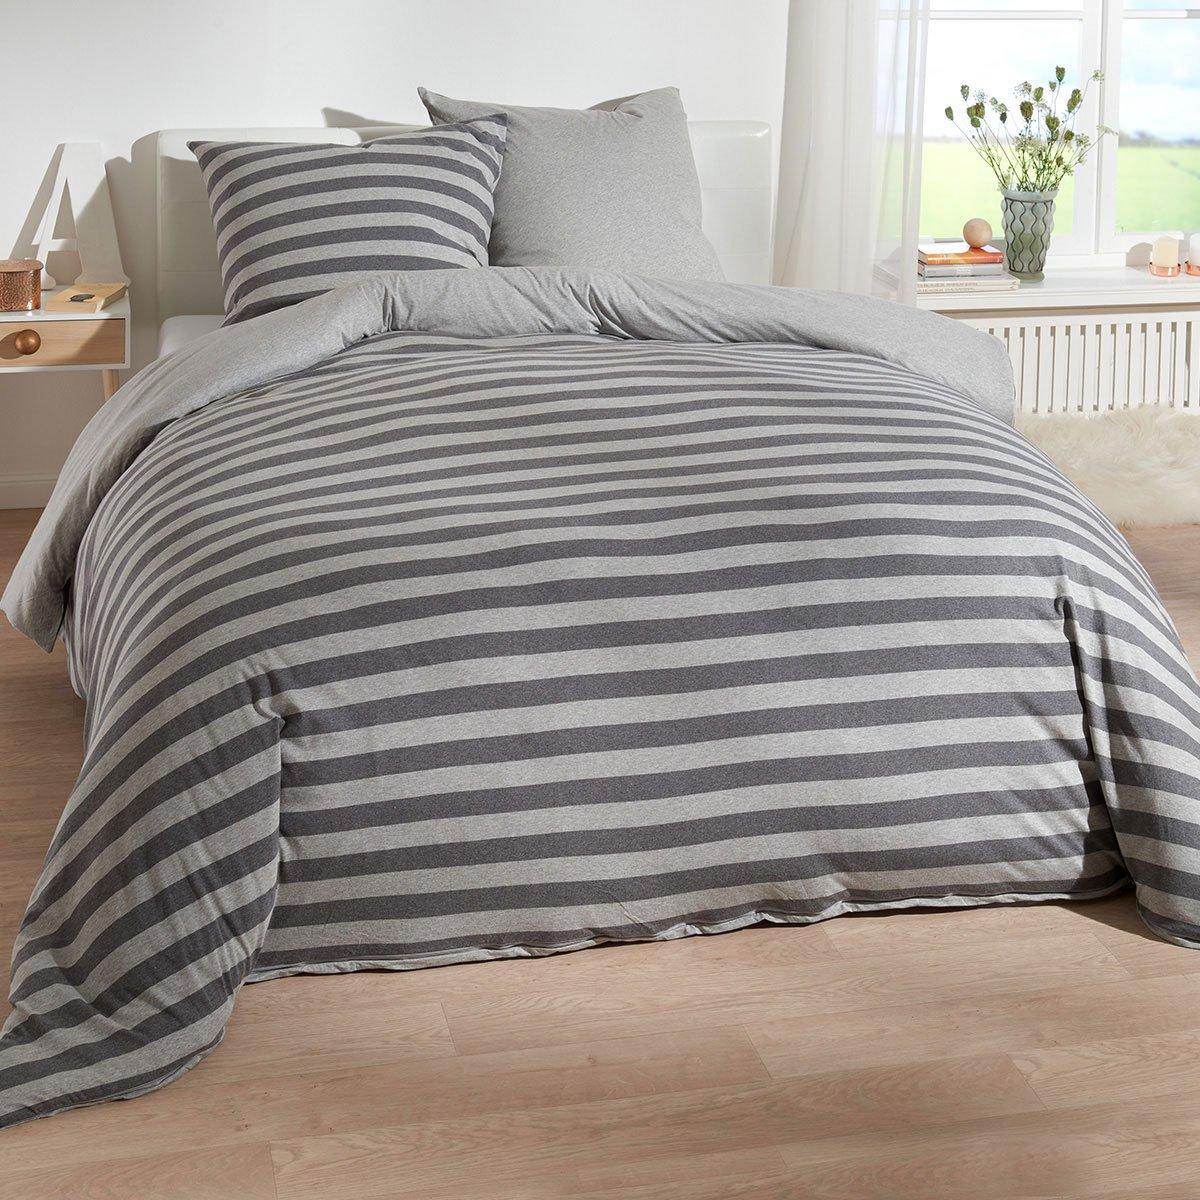 Traumschlaf Jersey Melange Wendebettwäsche Stripe grau 200x200 cm + 2X 80x80 cm